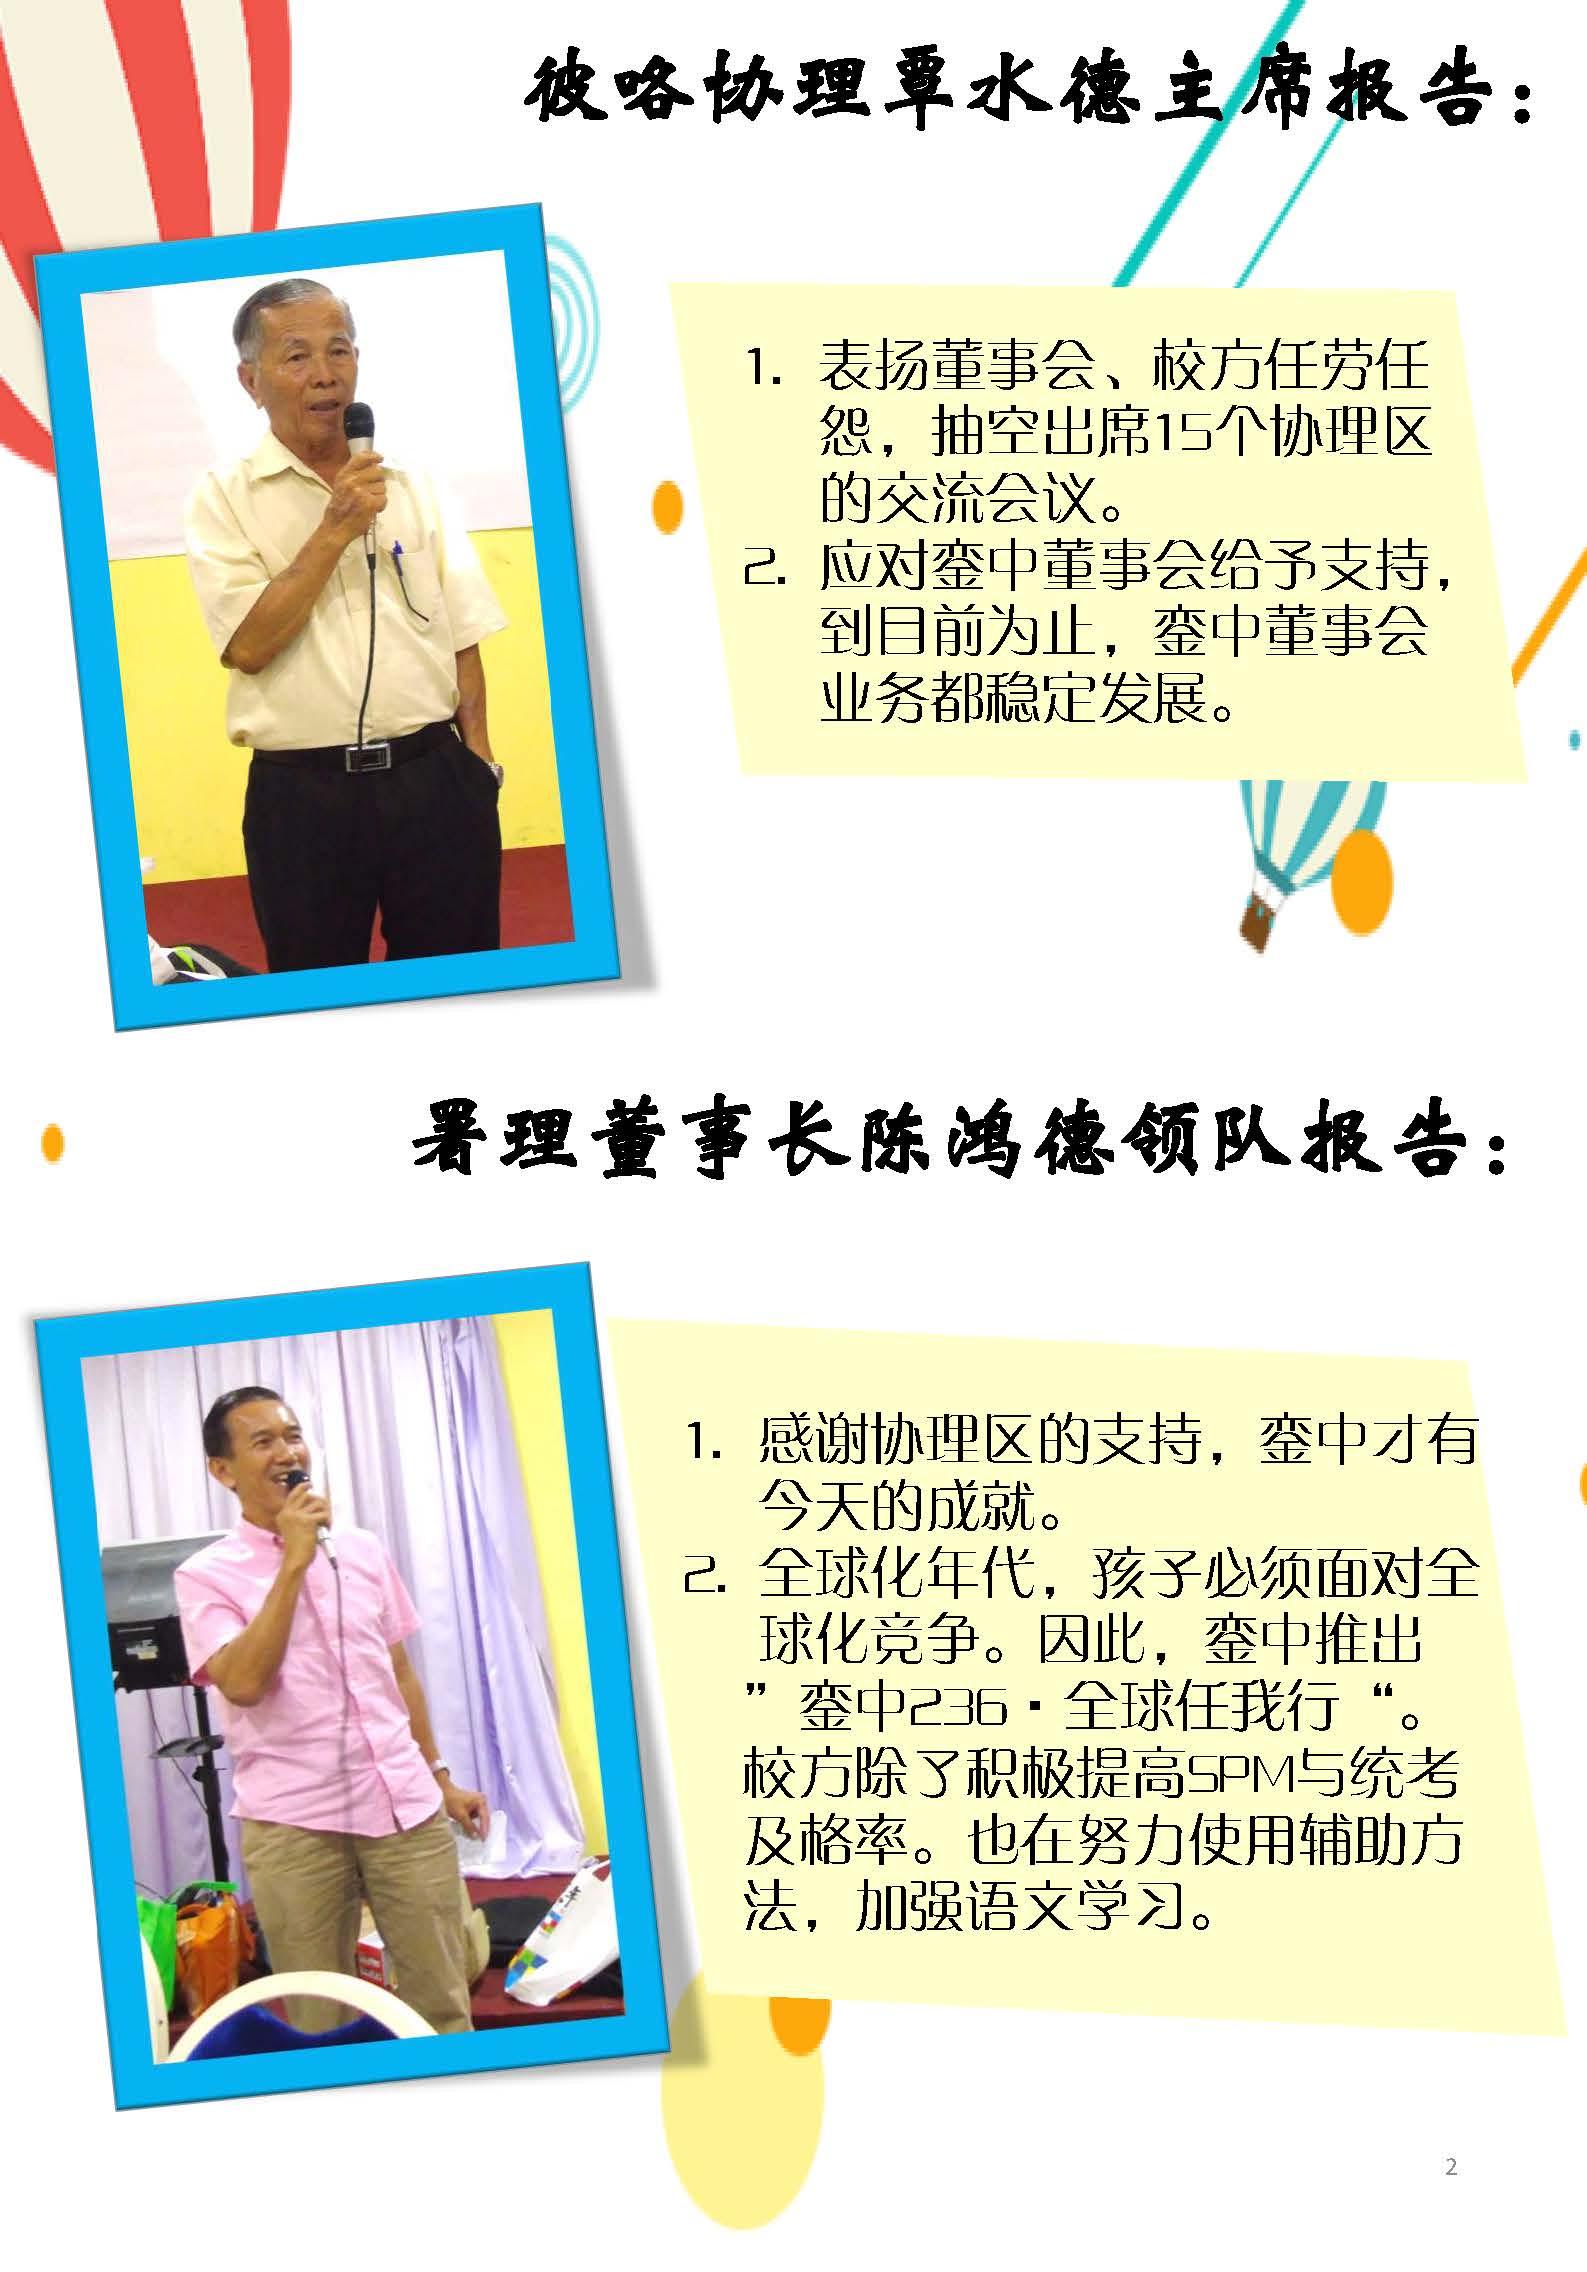 16-4-2019彼咯活动录.pptx_Page_2